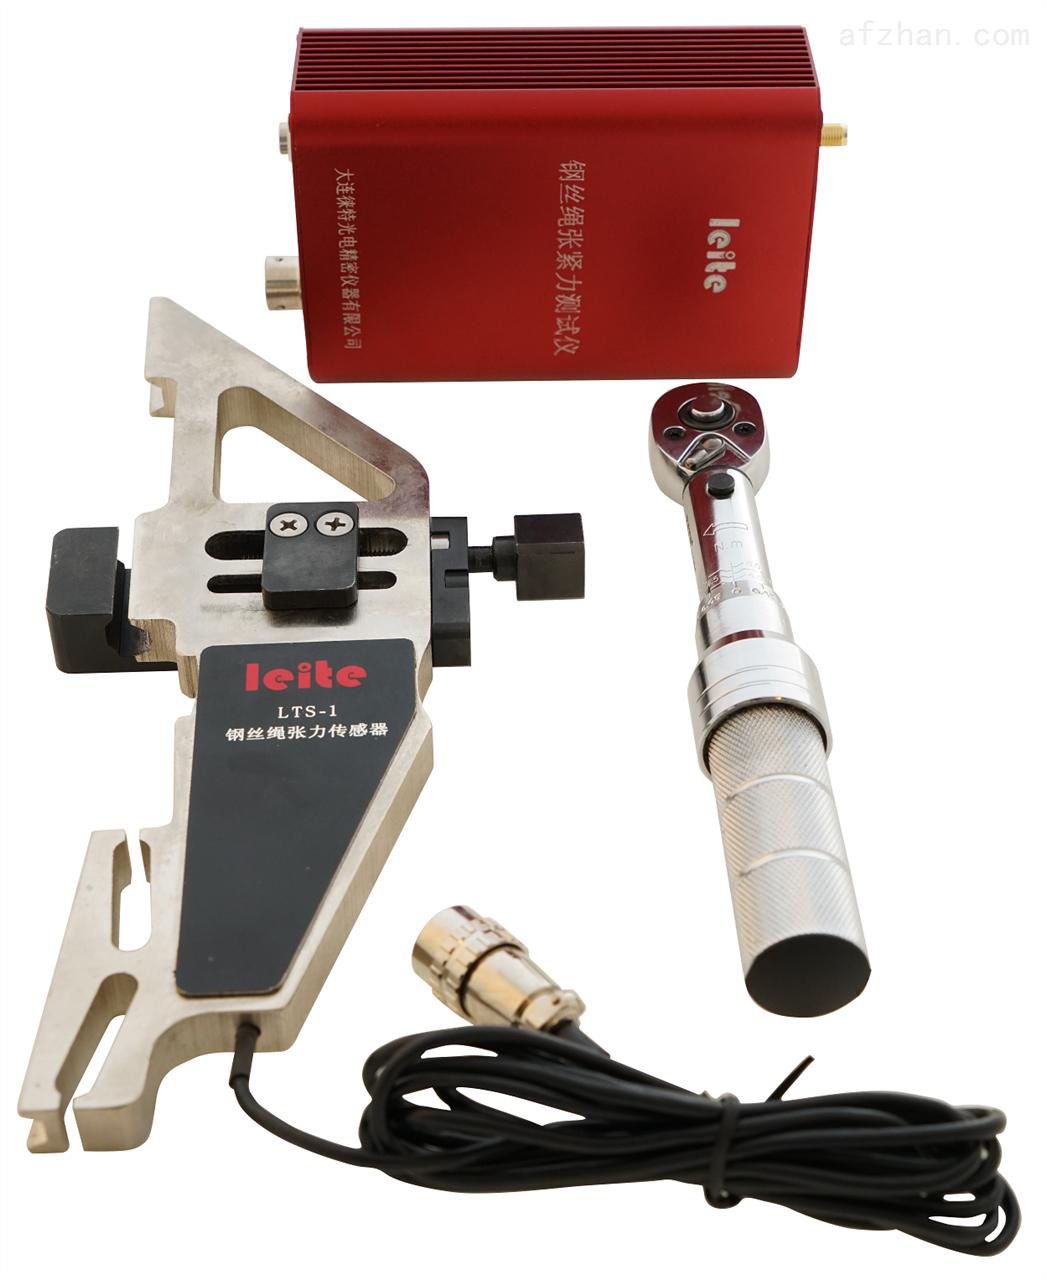 鋼絲繩張緊力測試儀LJZ-1